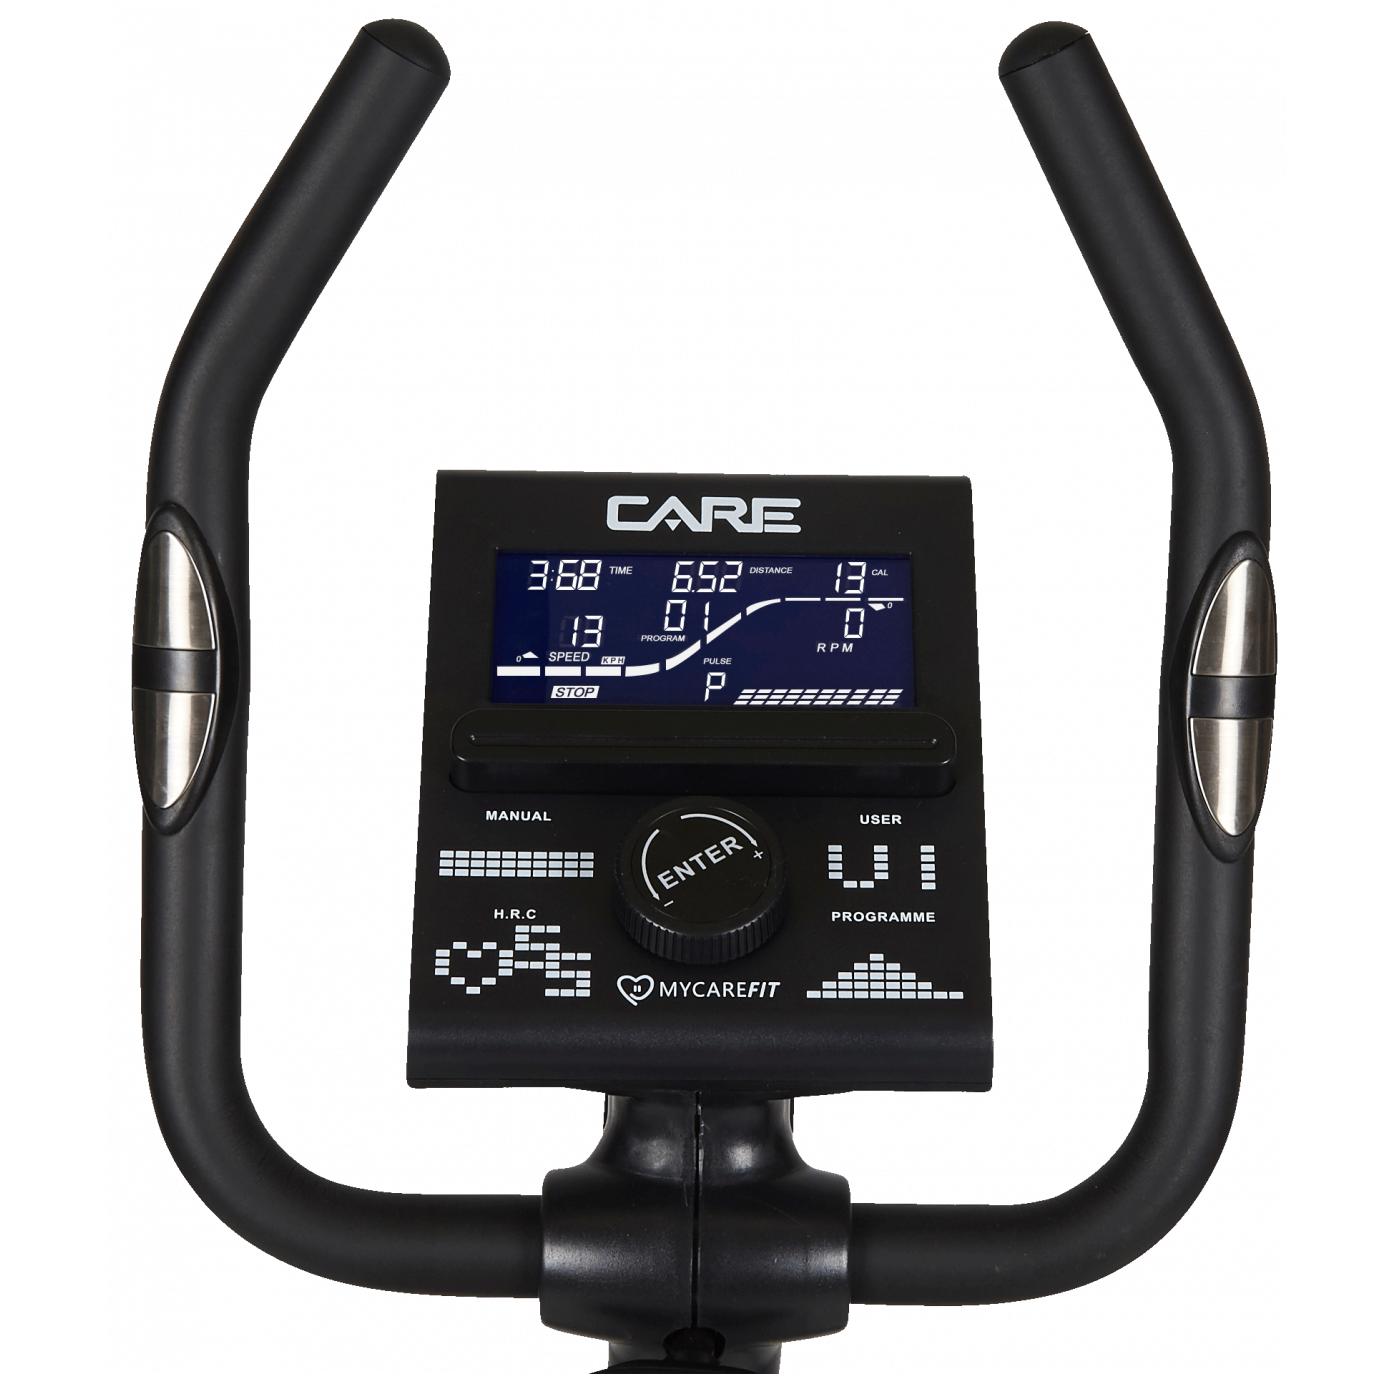 Care CE-685